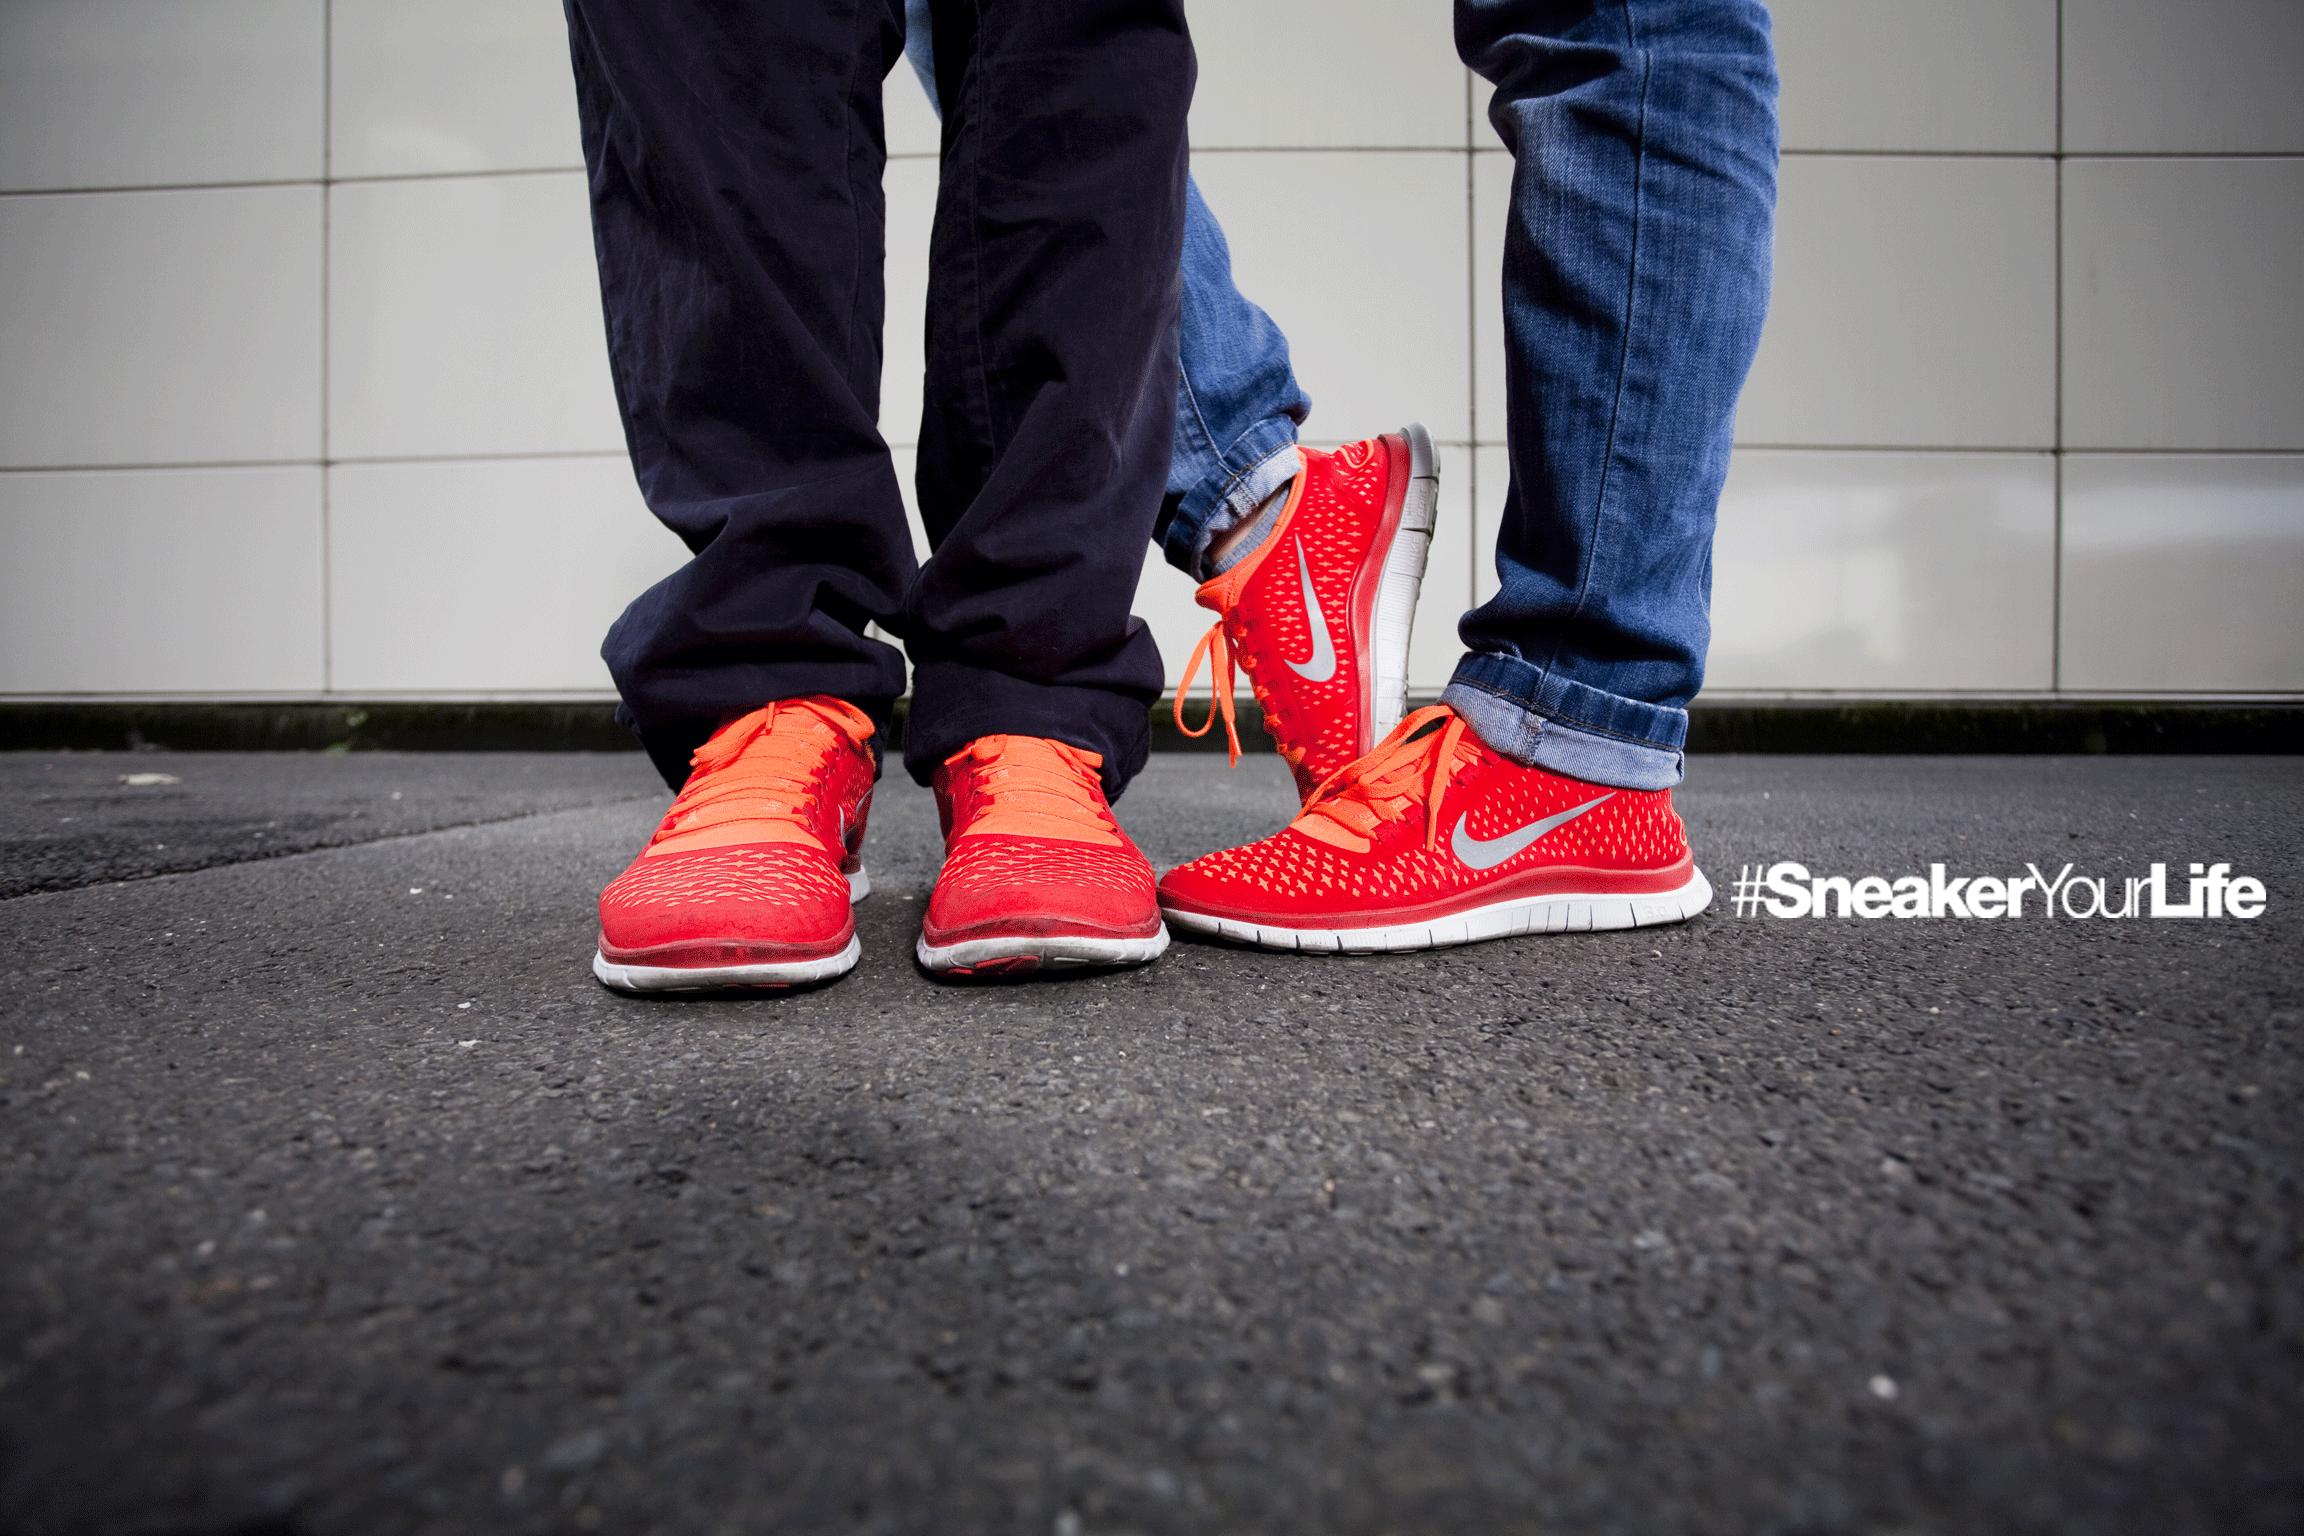 Business Sneaker SneakerYourLife